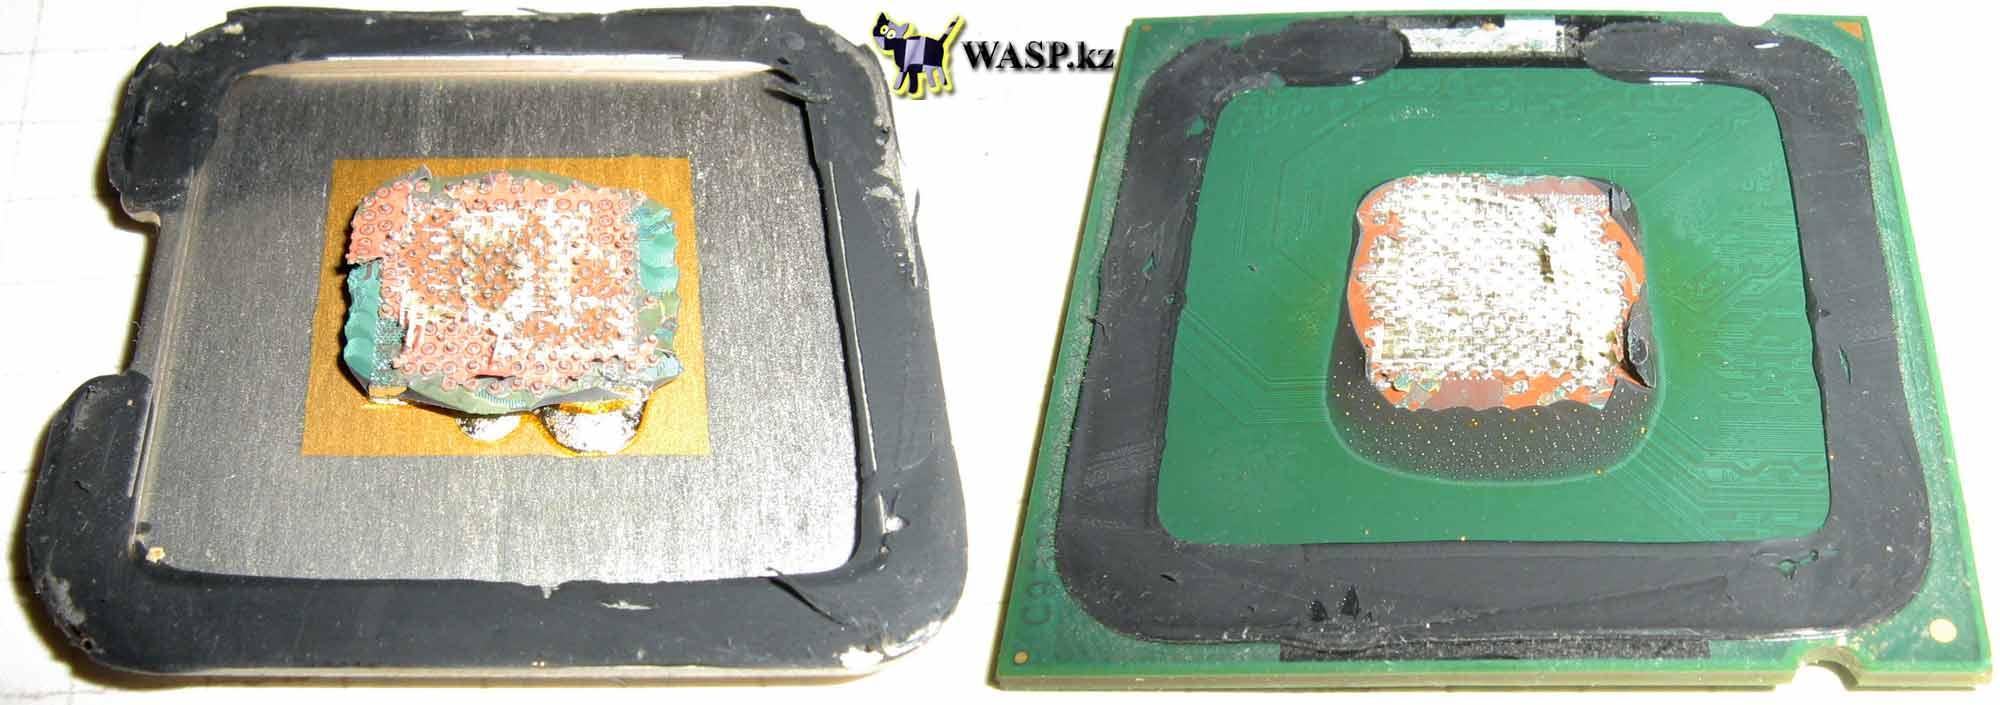 Core 2 Duo E8500 разборка процессора